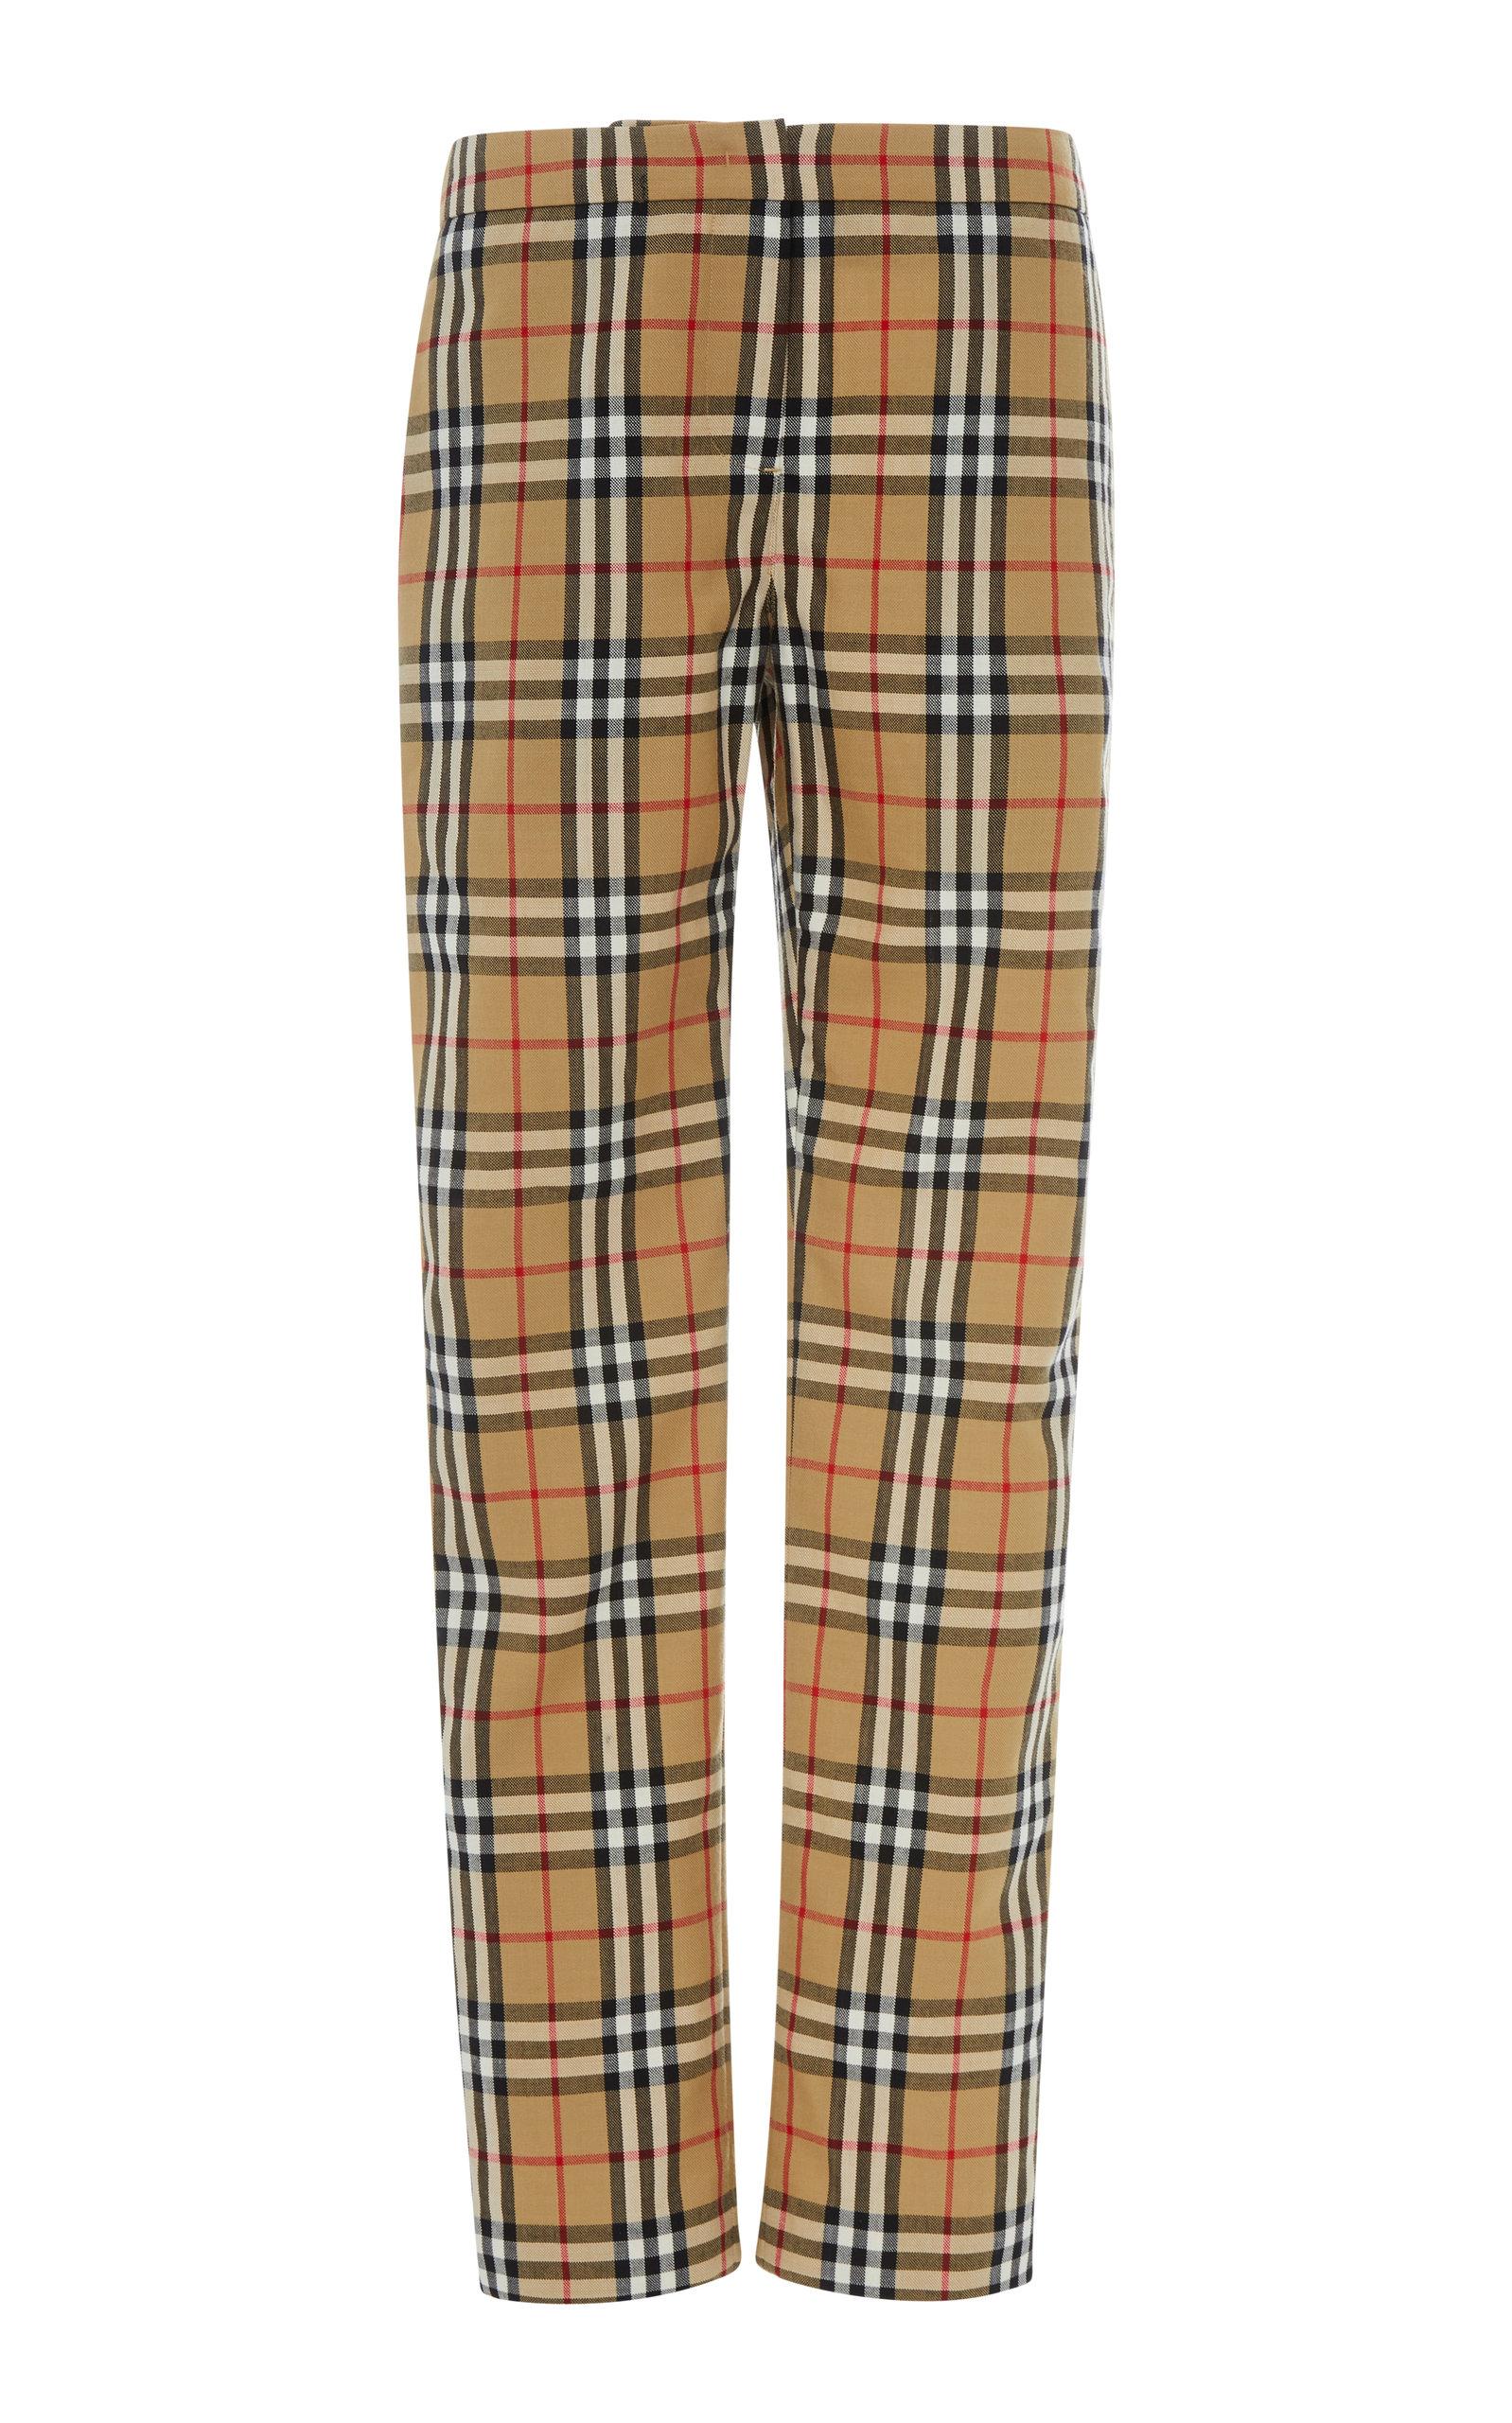 Hanover Wool-Pique Straight-Leg Trousers, Plaid